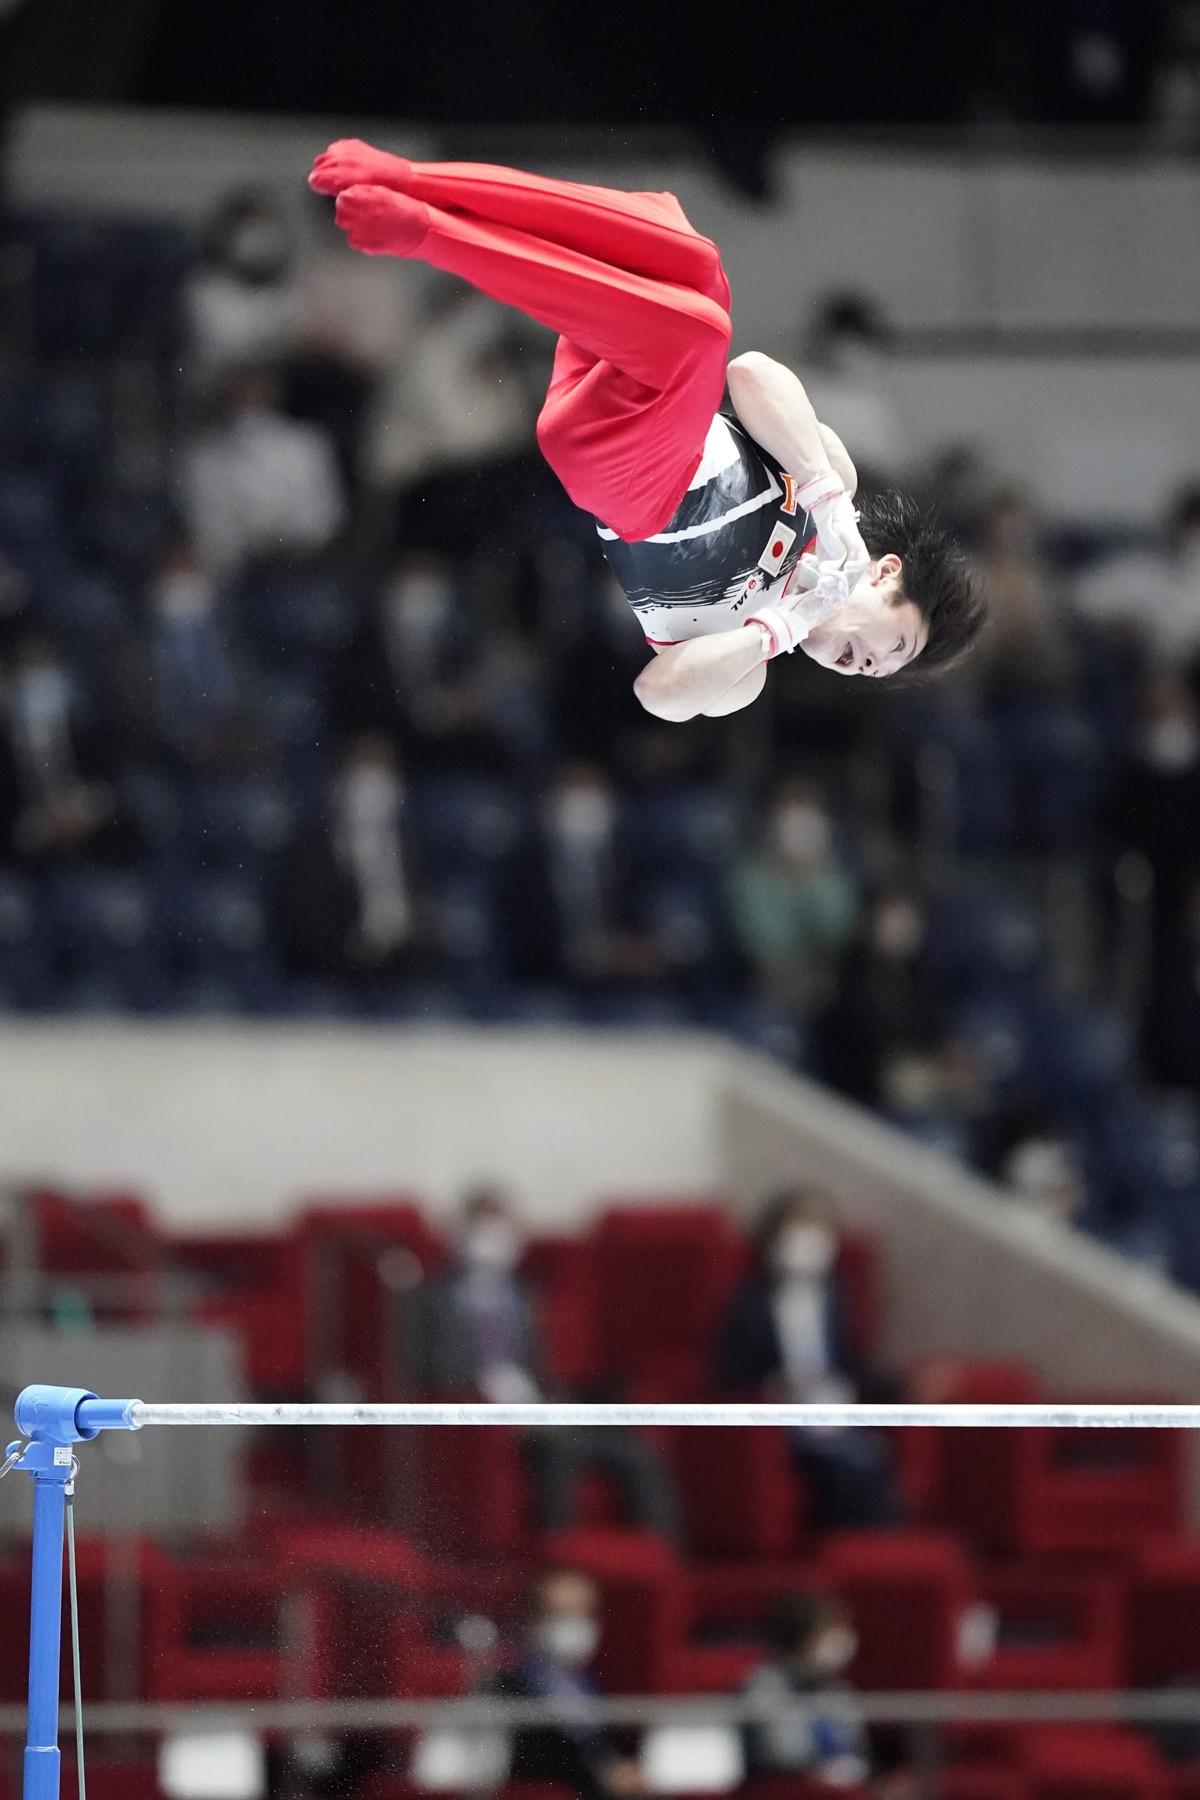 東京五輪は鉄棒での出場を目指す内村。大会ではH難度の大技「ブレットシュナイダー」を成功させるなど好演技を見せた